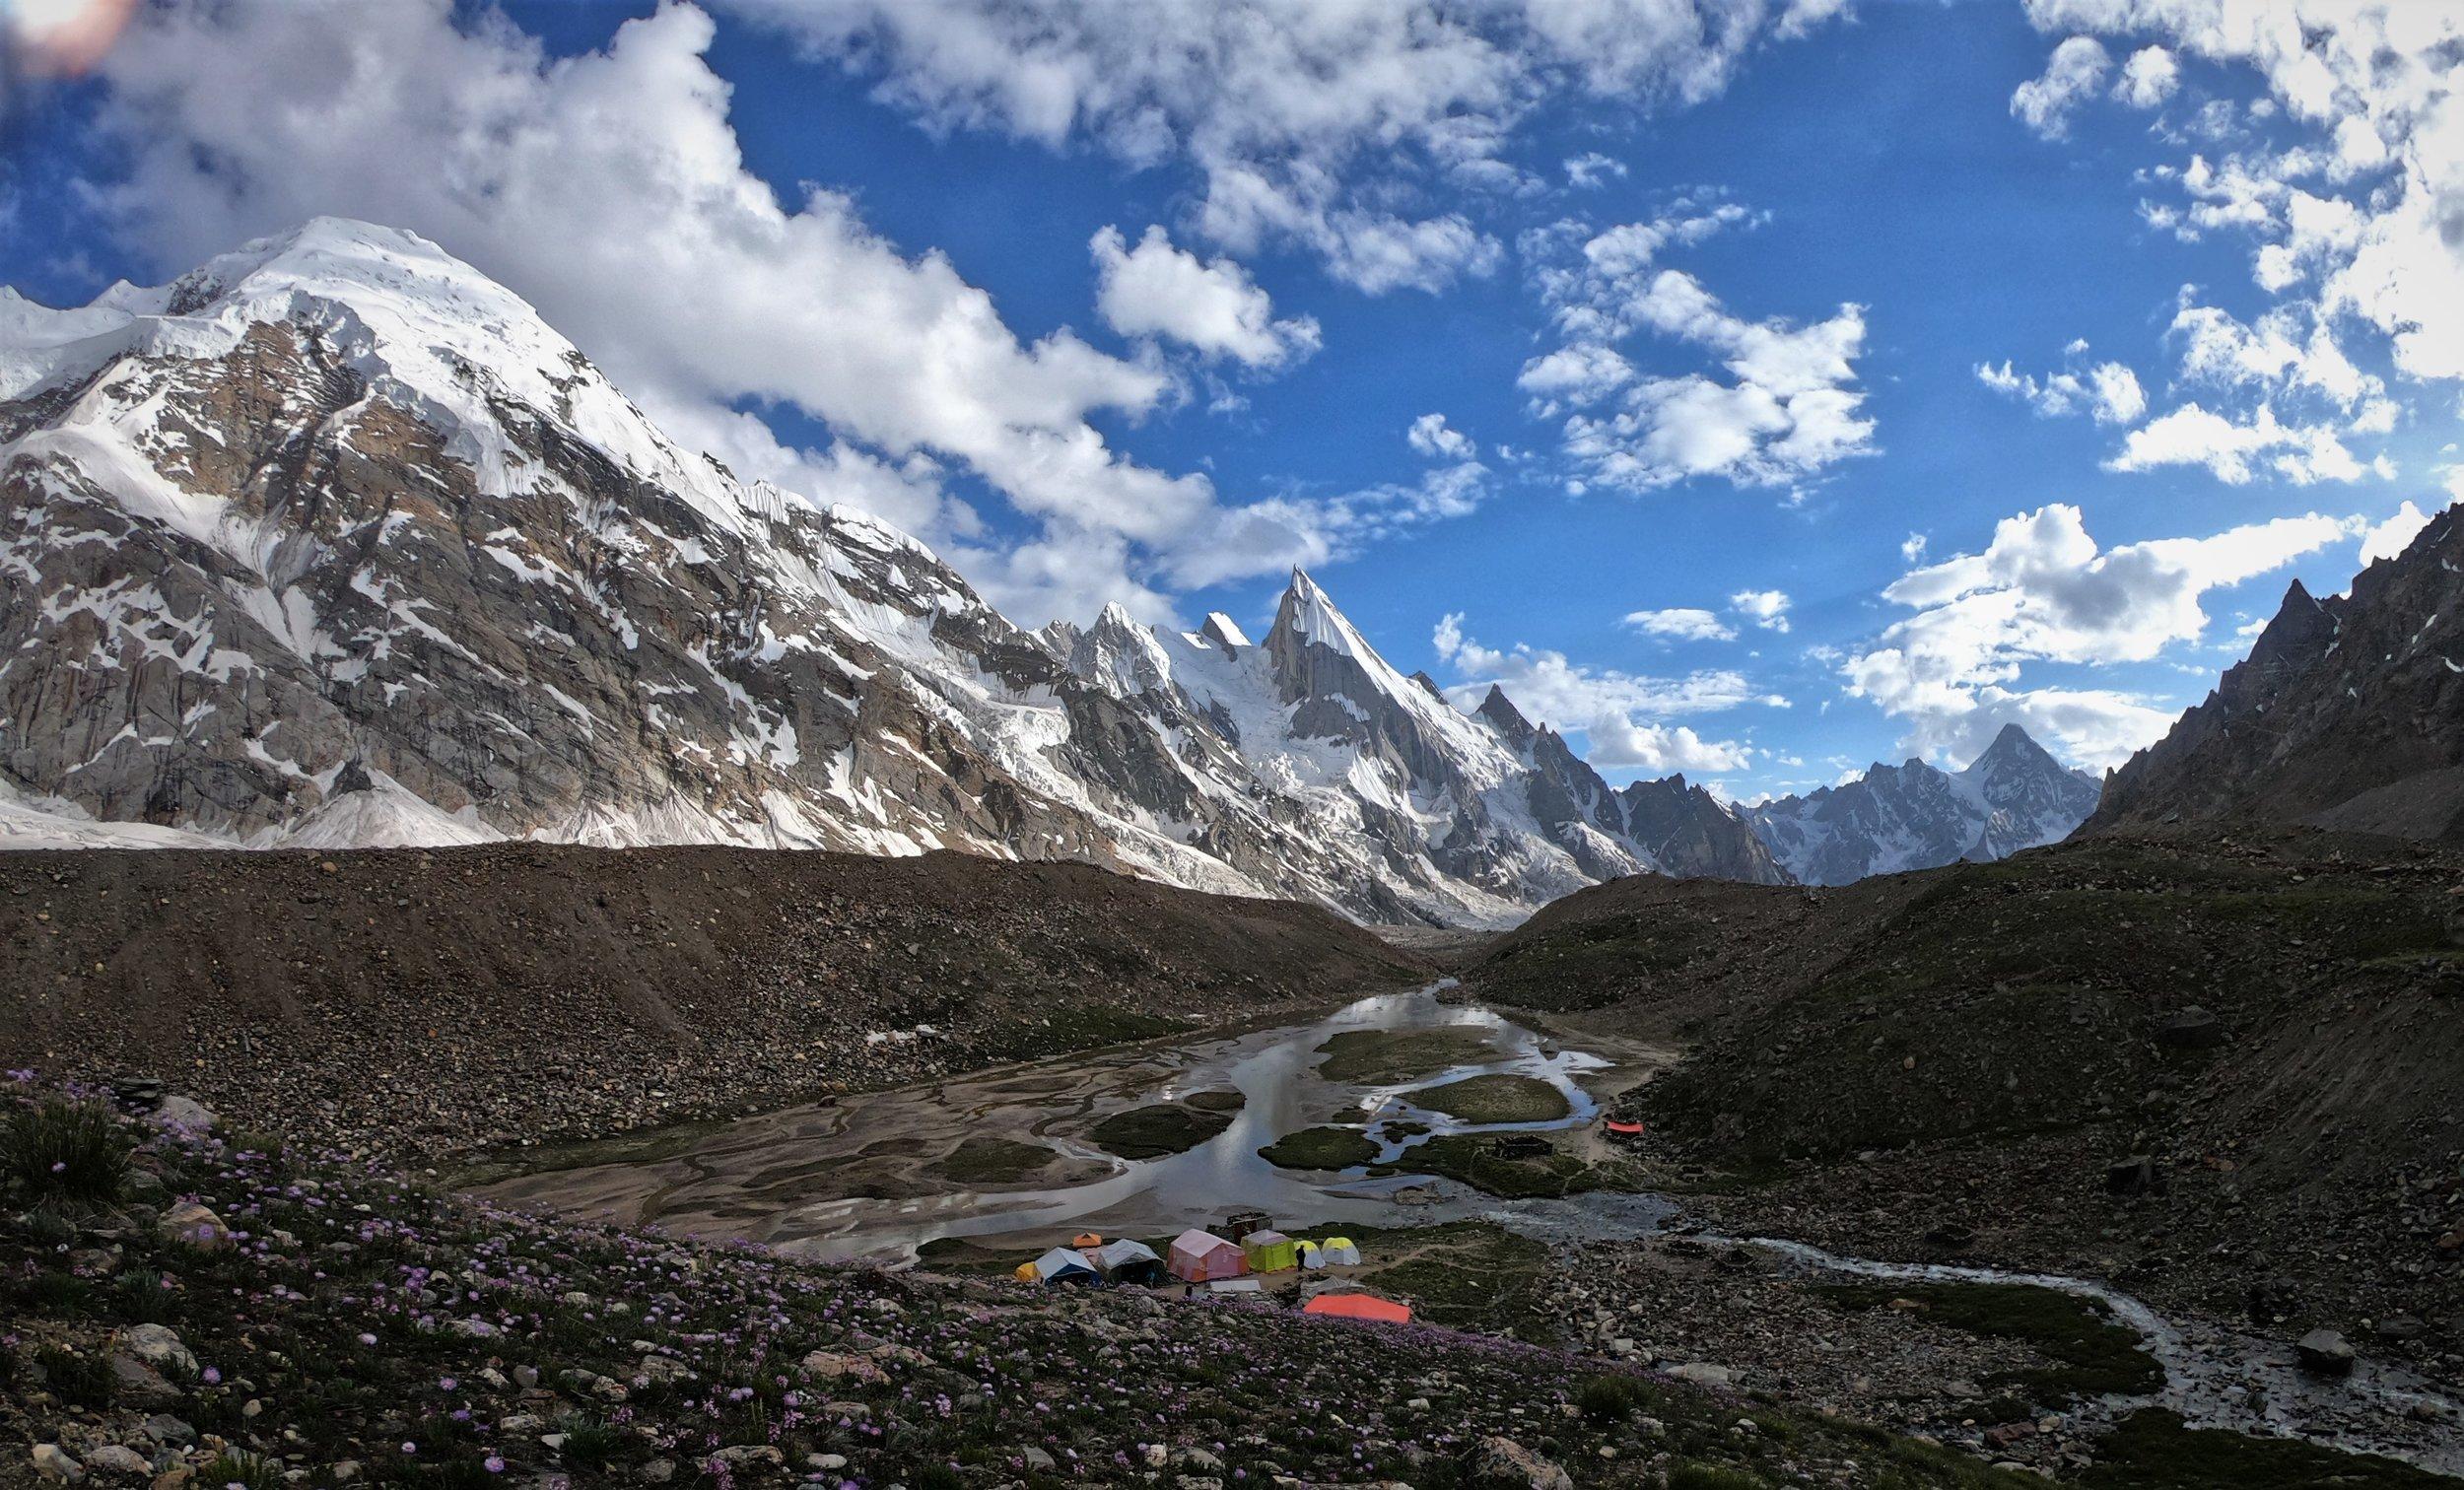 camping below Laila peak.